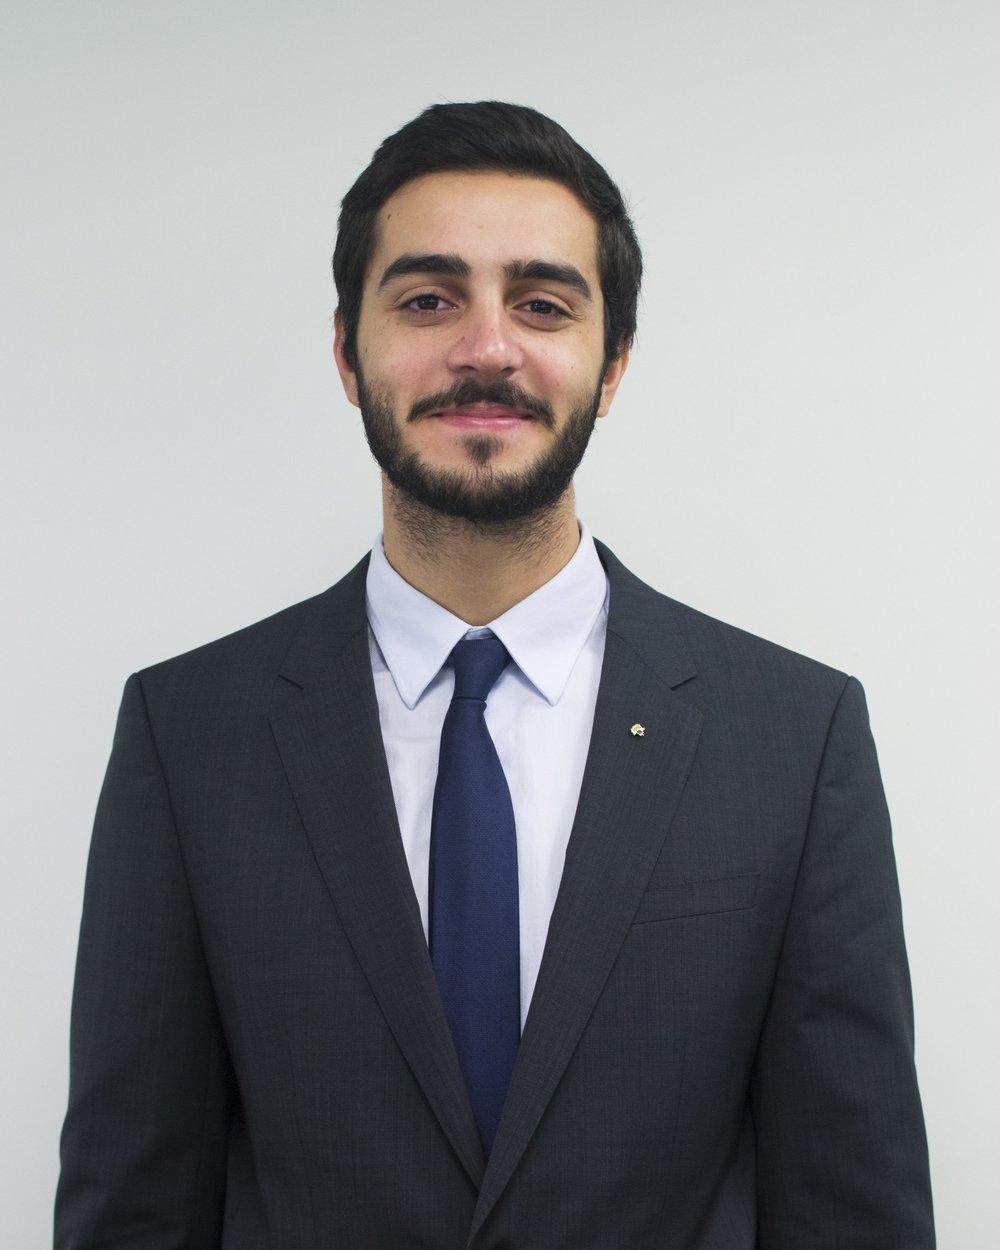 Dani Sharara